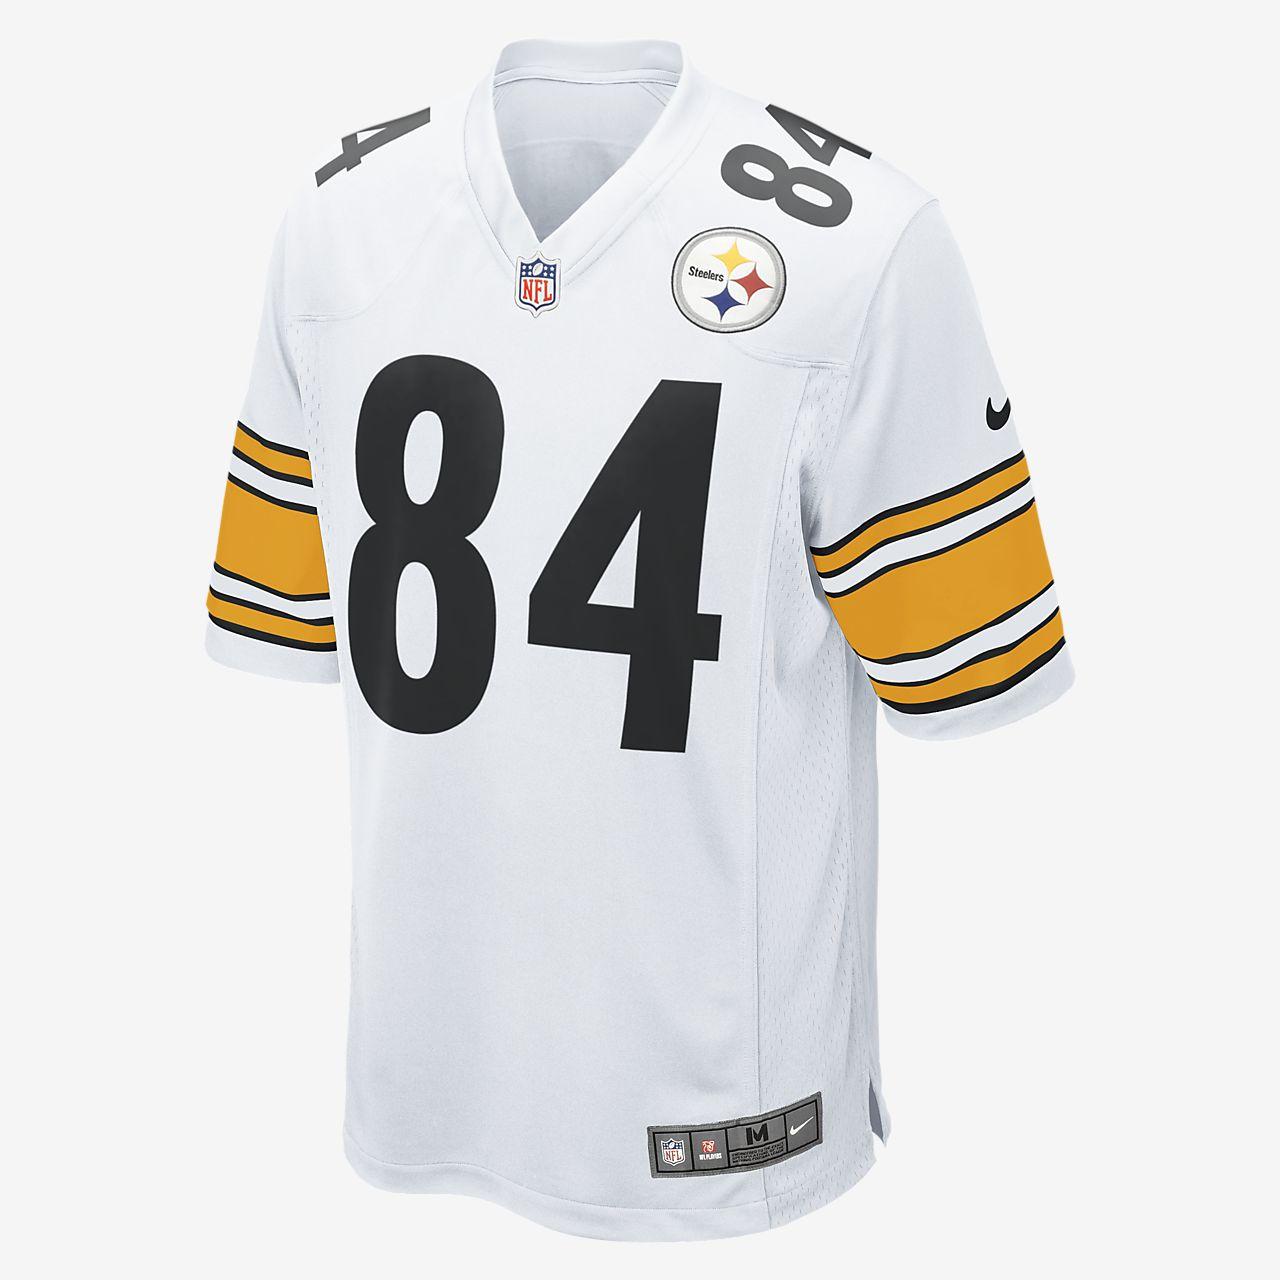 NFL Pittsburgh Steelers (Antonio Brown) spillerdrakt for amerikansk fotball til herre